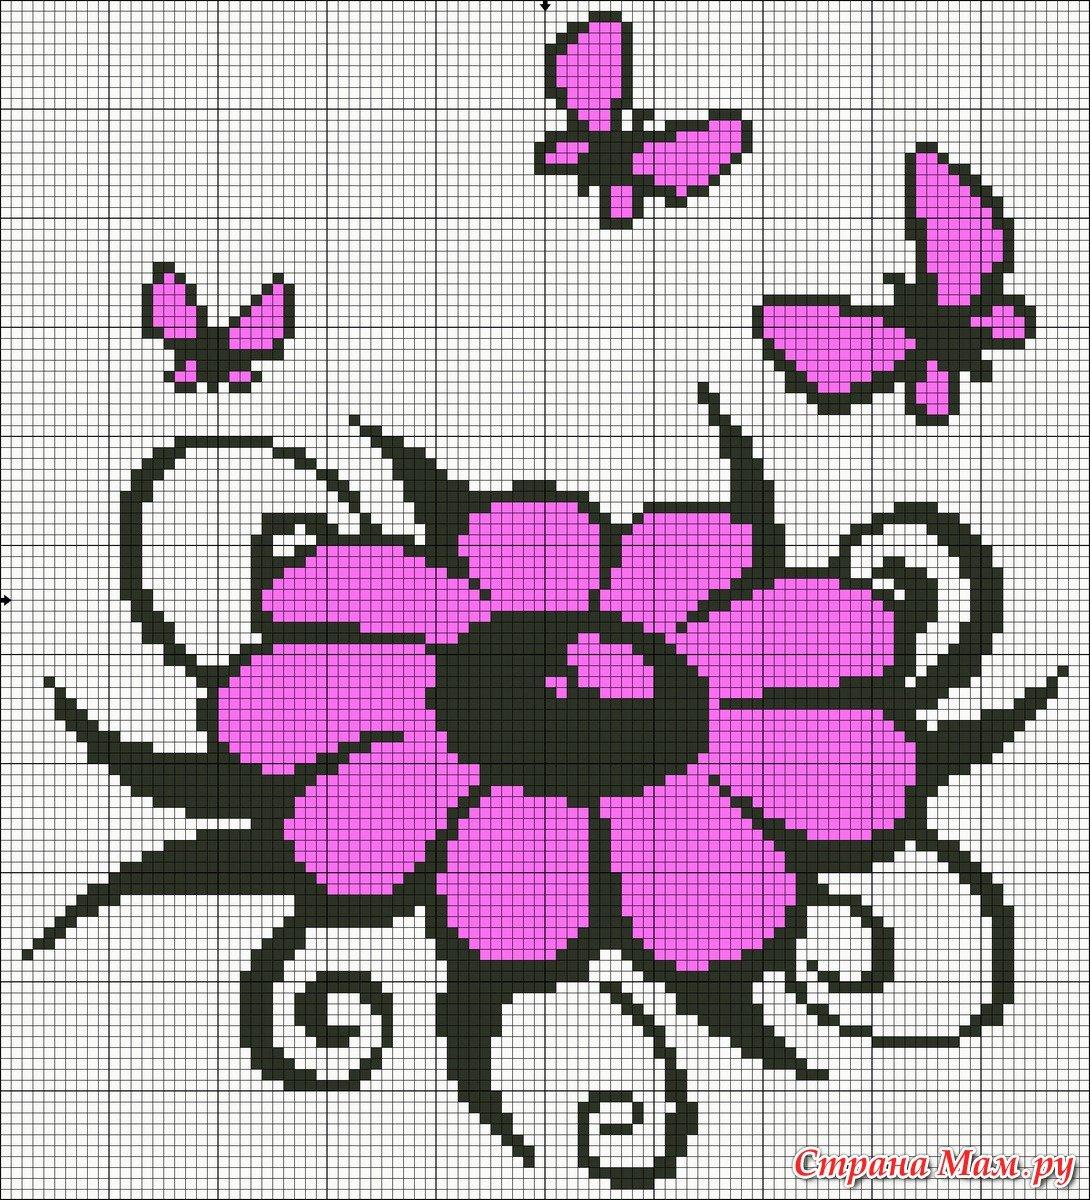 Вышивка крестом картинки для начинающих цветы